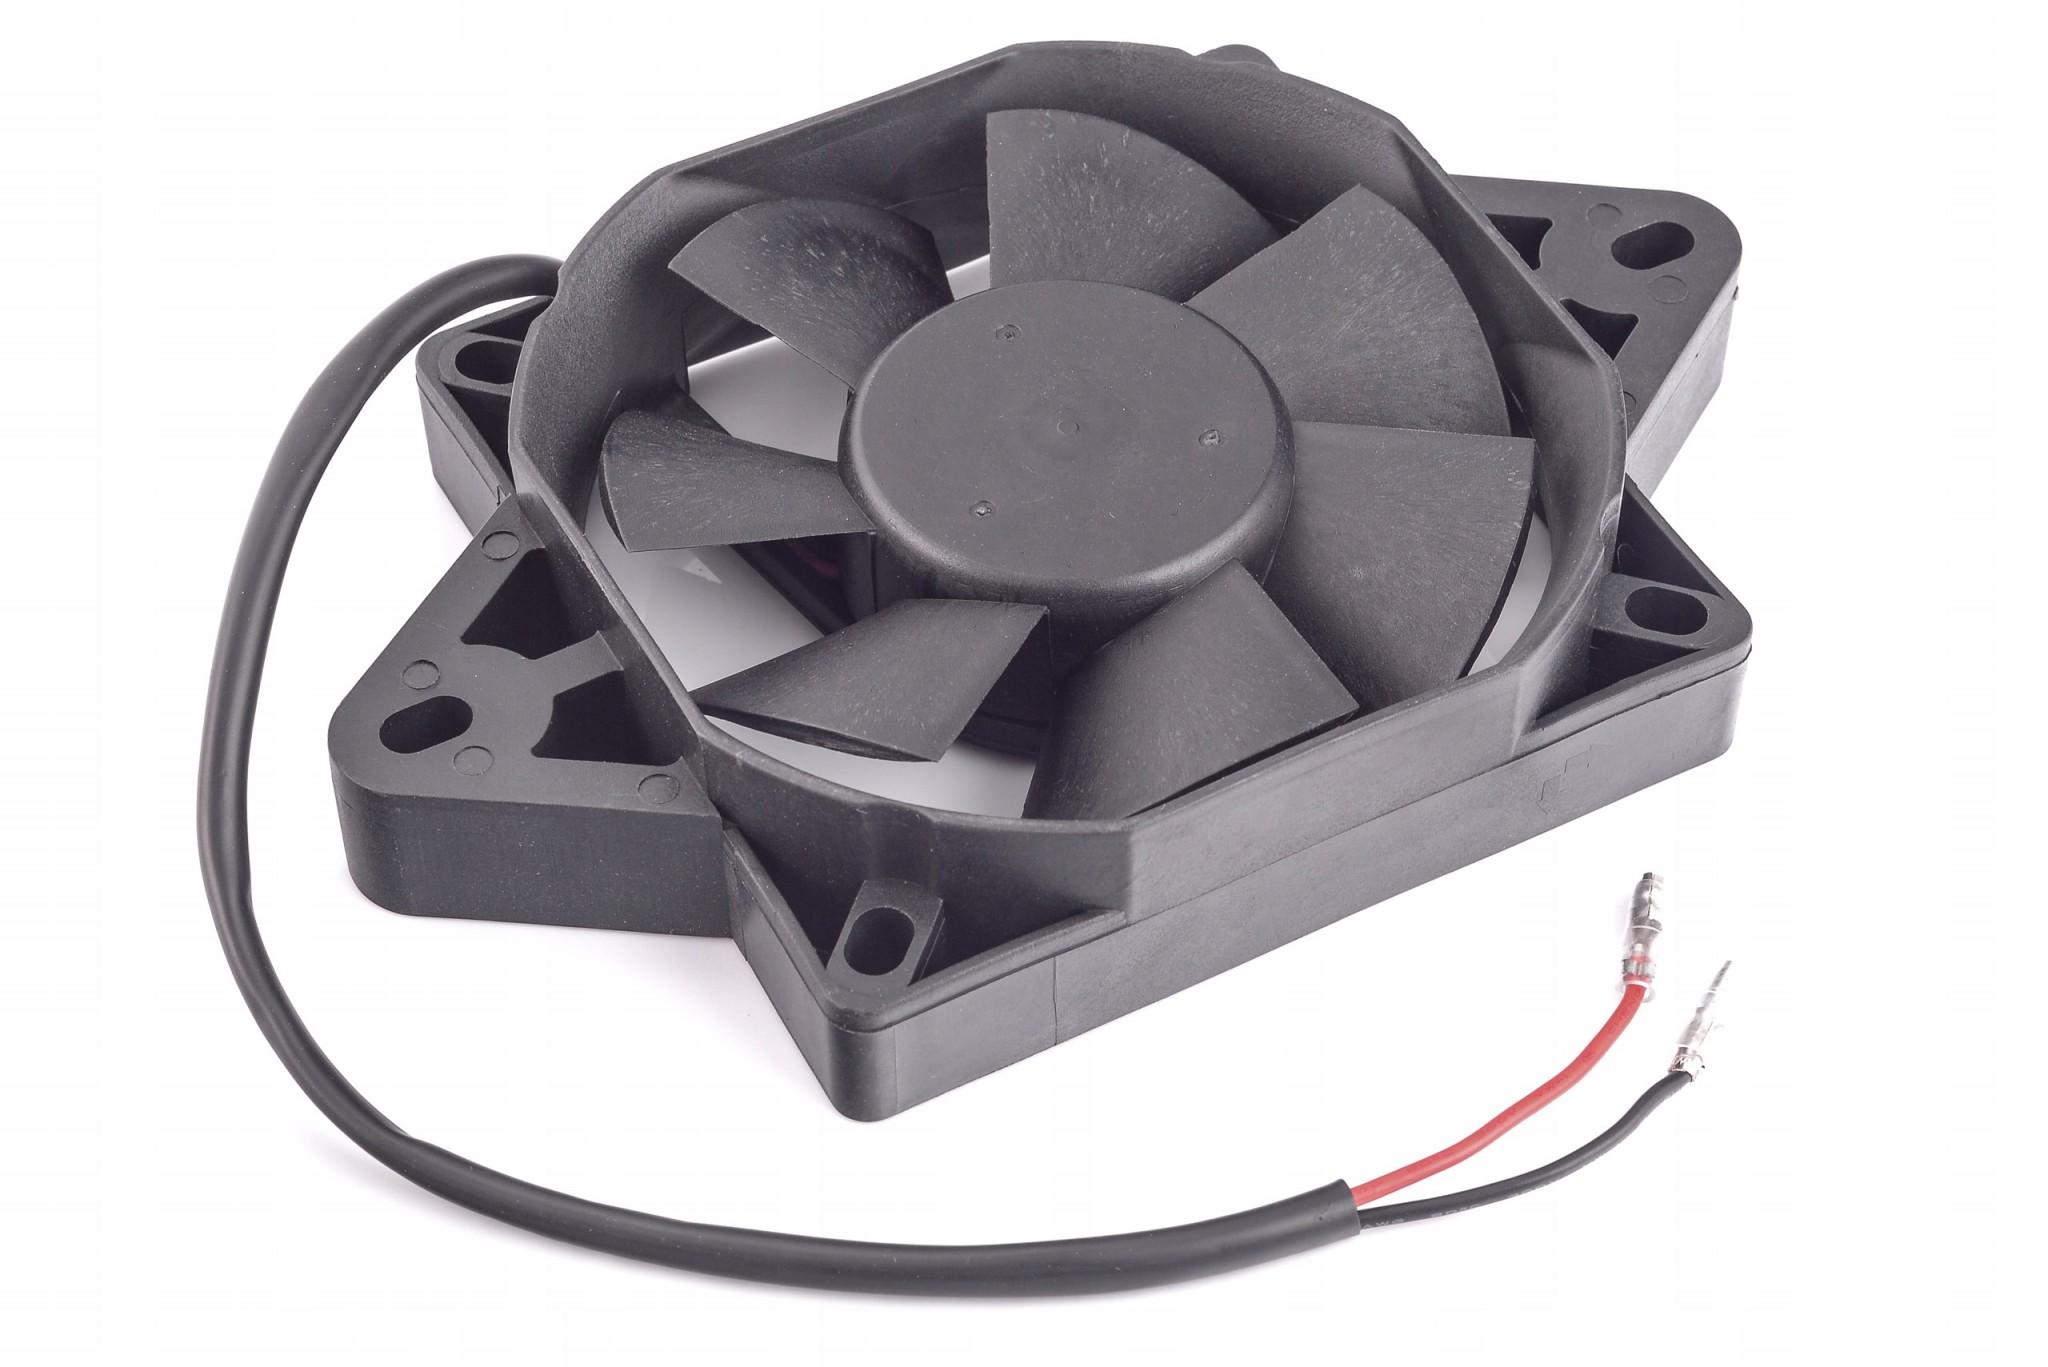 Ventilator racire Atv